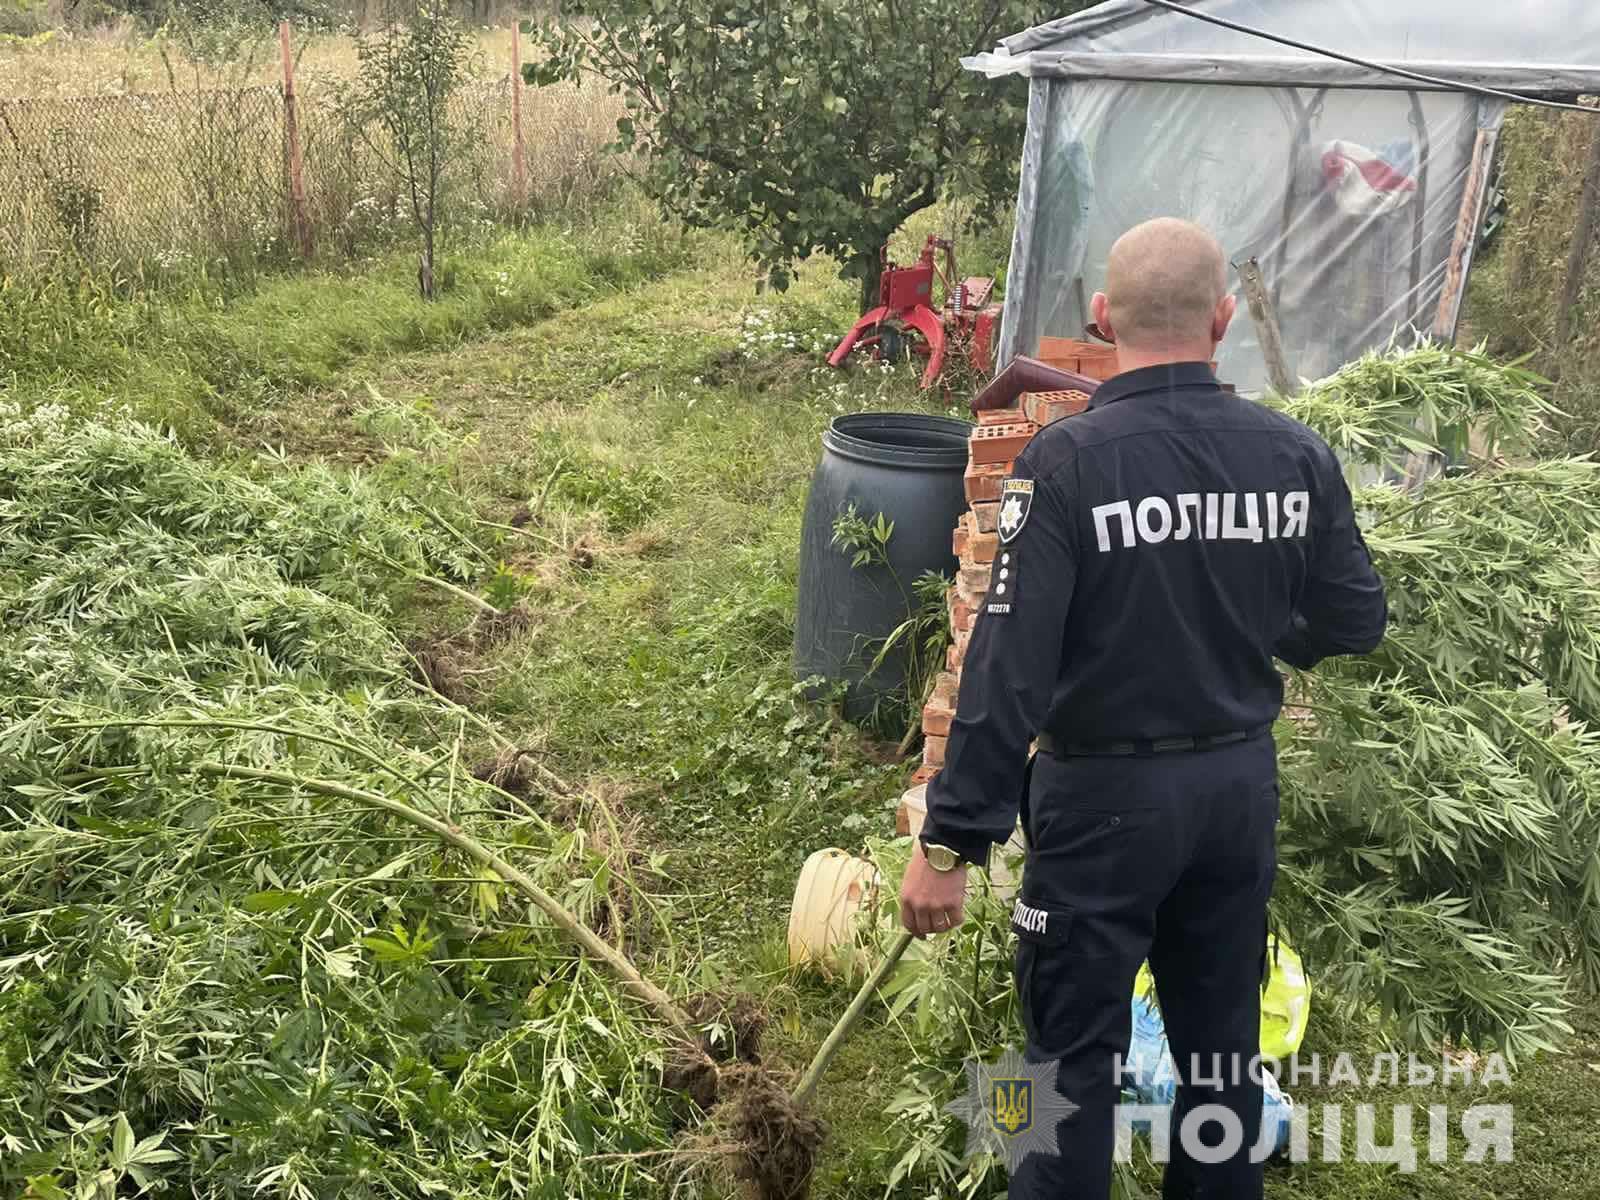 Вчора, 22 вересня, у селі Неветленфолу  працівники поліції Берегівщини провели обшук за місцем проживання 40-річного фігуранта злочину.